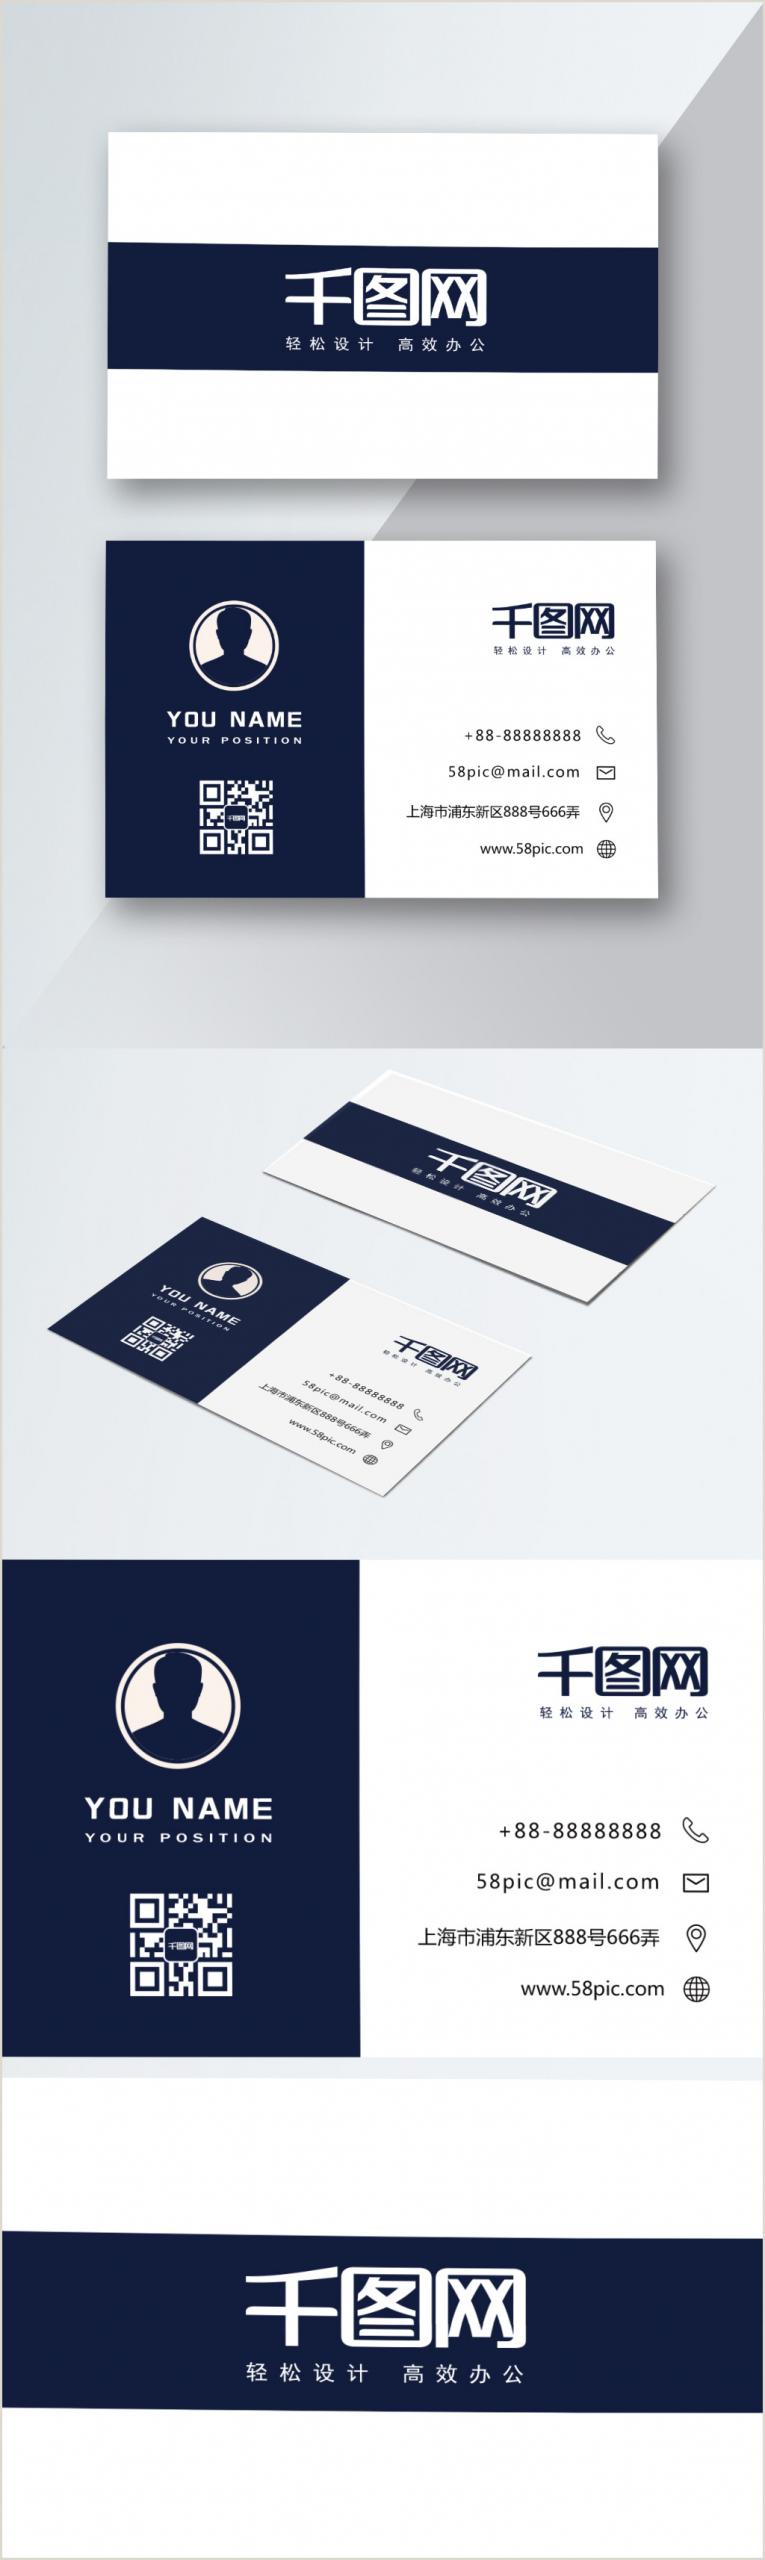 Print Unique Business Cards Unique Business Card Template Image Picture Free